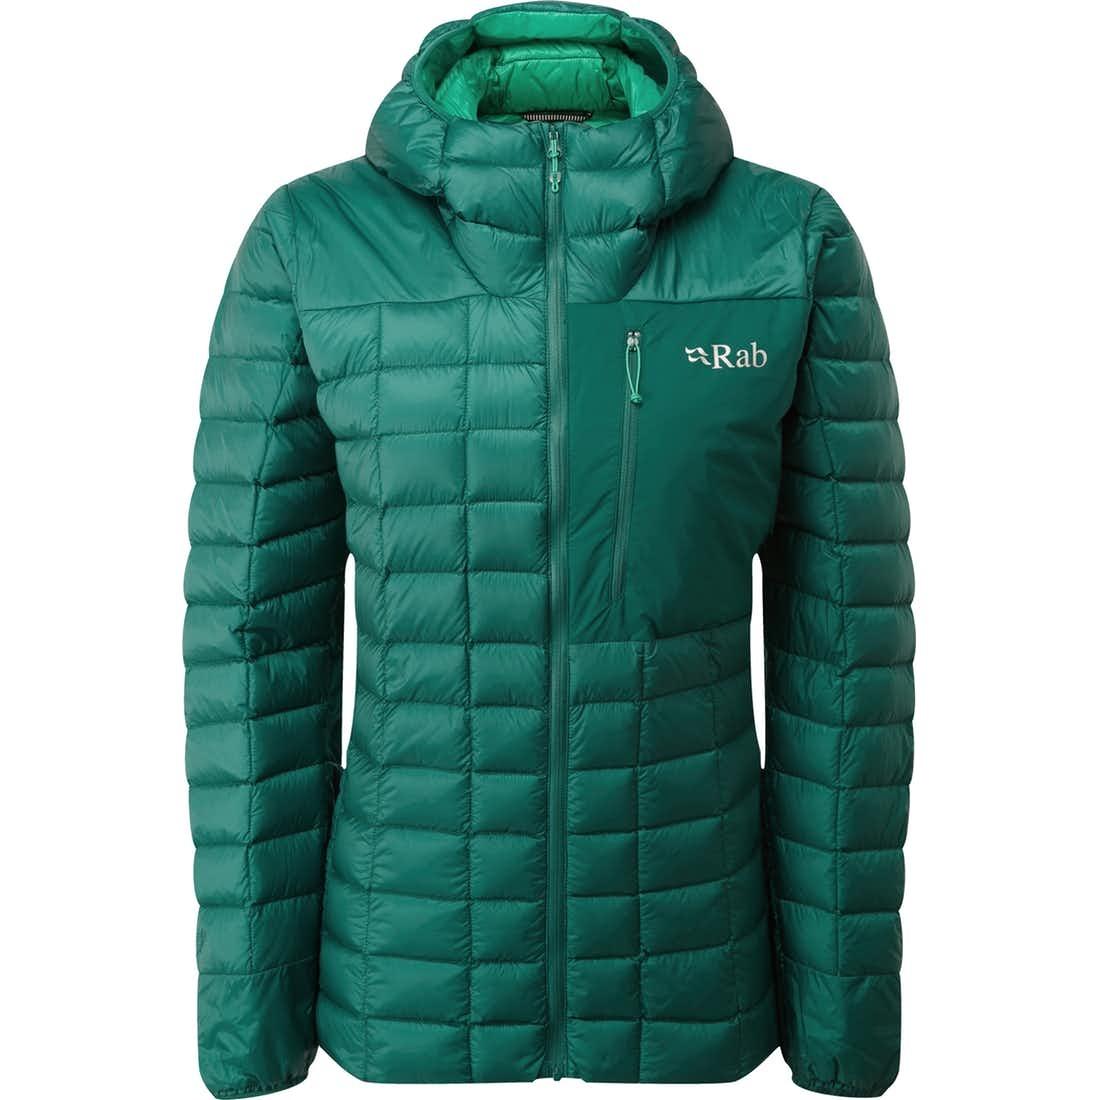 RAB Women's Kaon Jacket